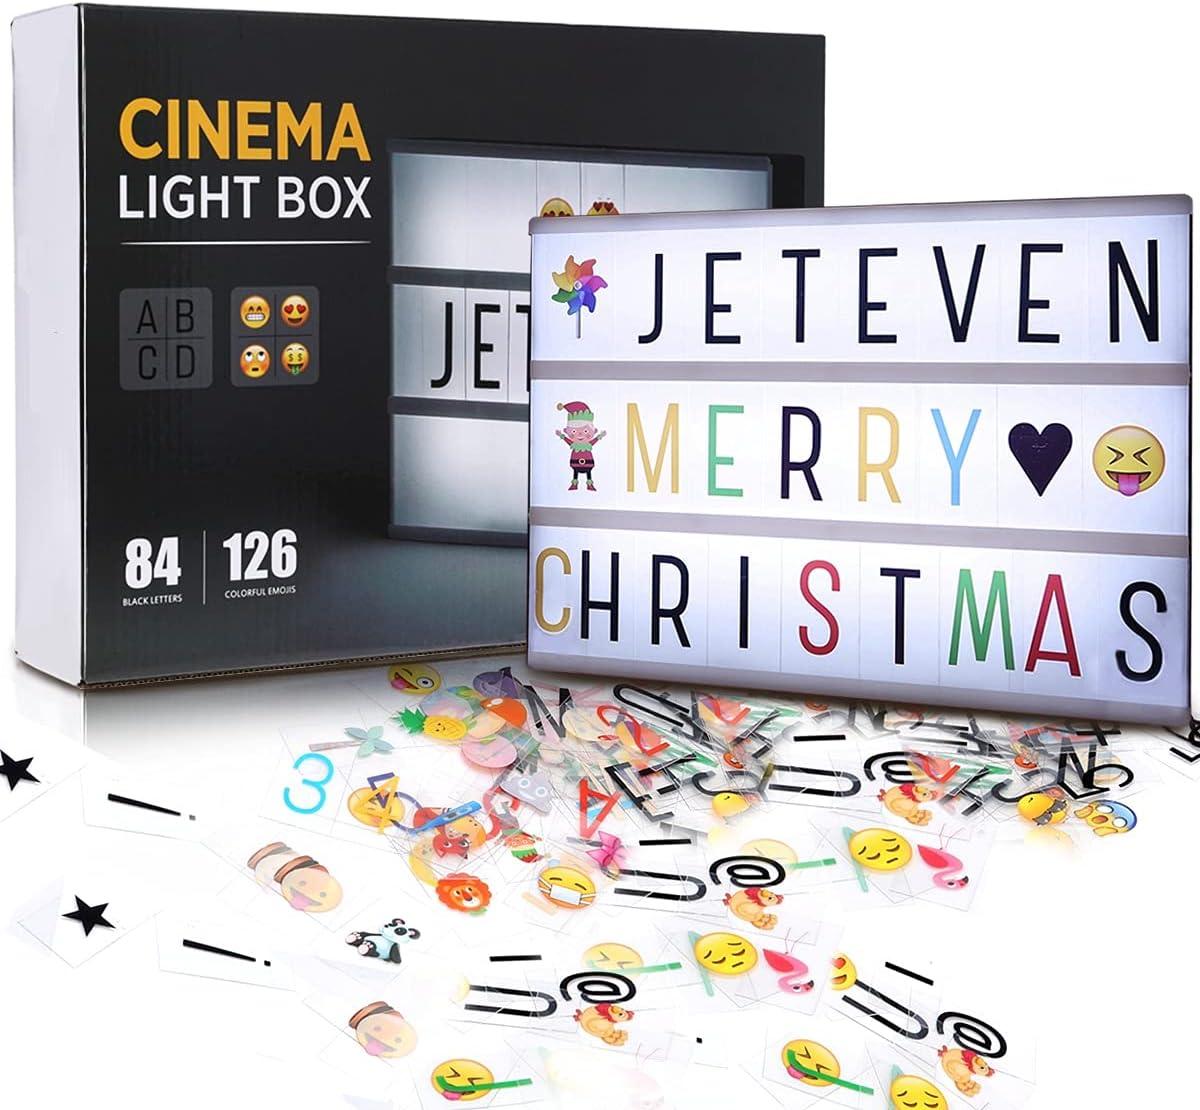 Jeteveven Caja de Luz A4 con 210 Letras, Lightbox LED Letras Emoji Lámparas Números USB, Regalos Niñas Decoradas para la Navidad la Boda de la Fiesta de Cumpleaños [Clase de eficiencia energética A]